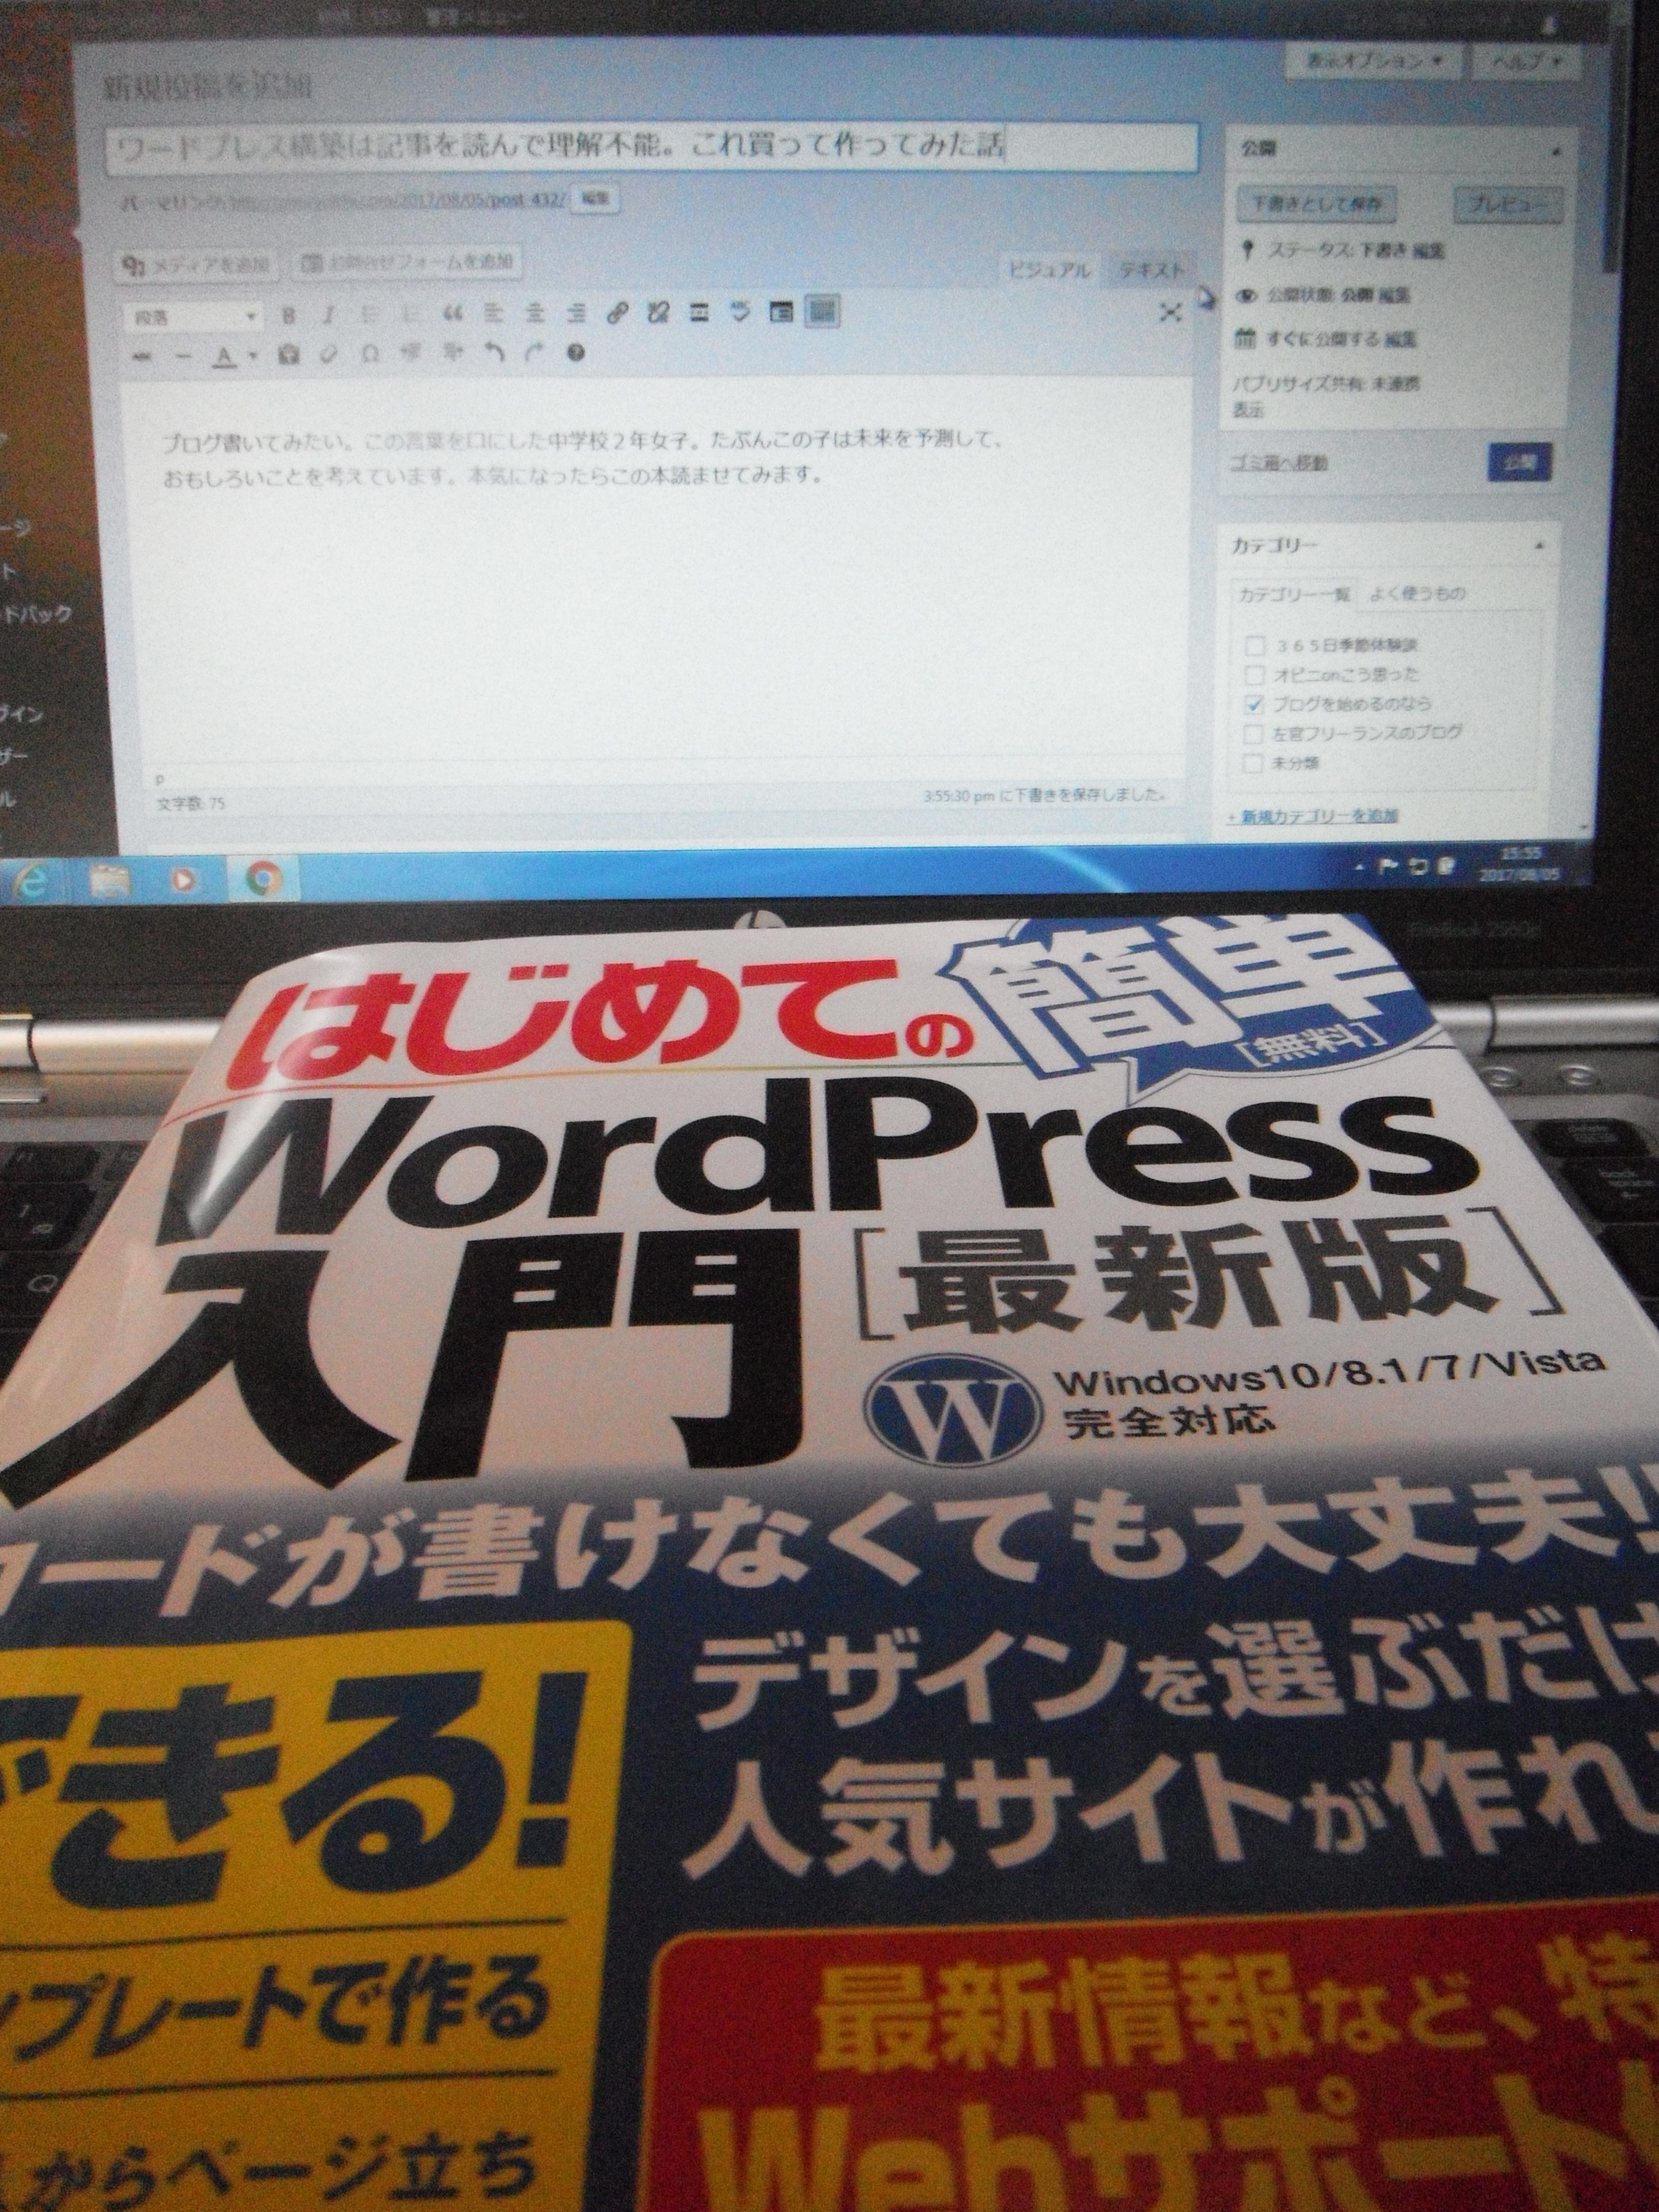 ワードプレス構築は記事を読んで理解不能。これ買って作ってみた話